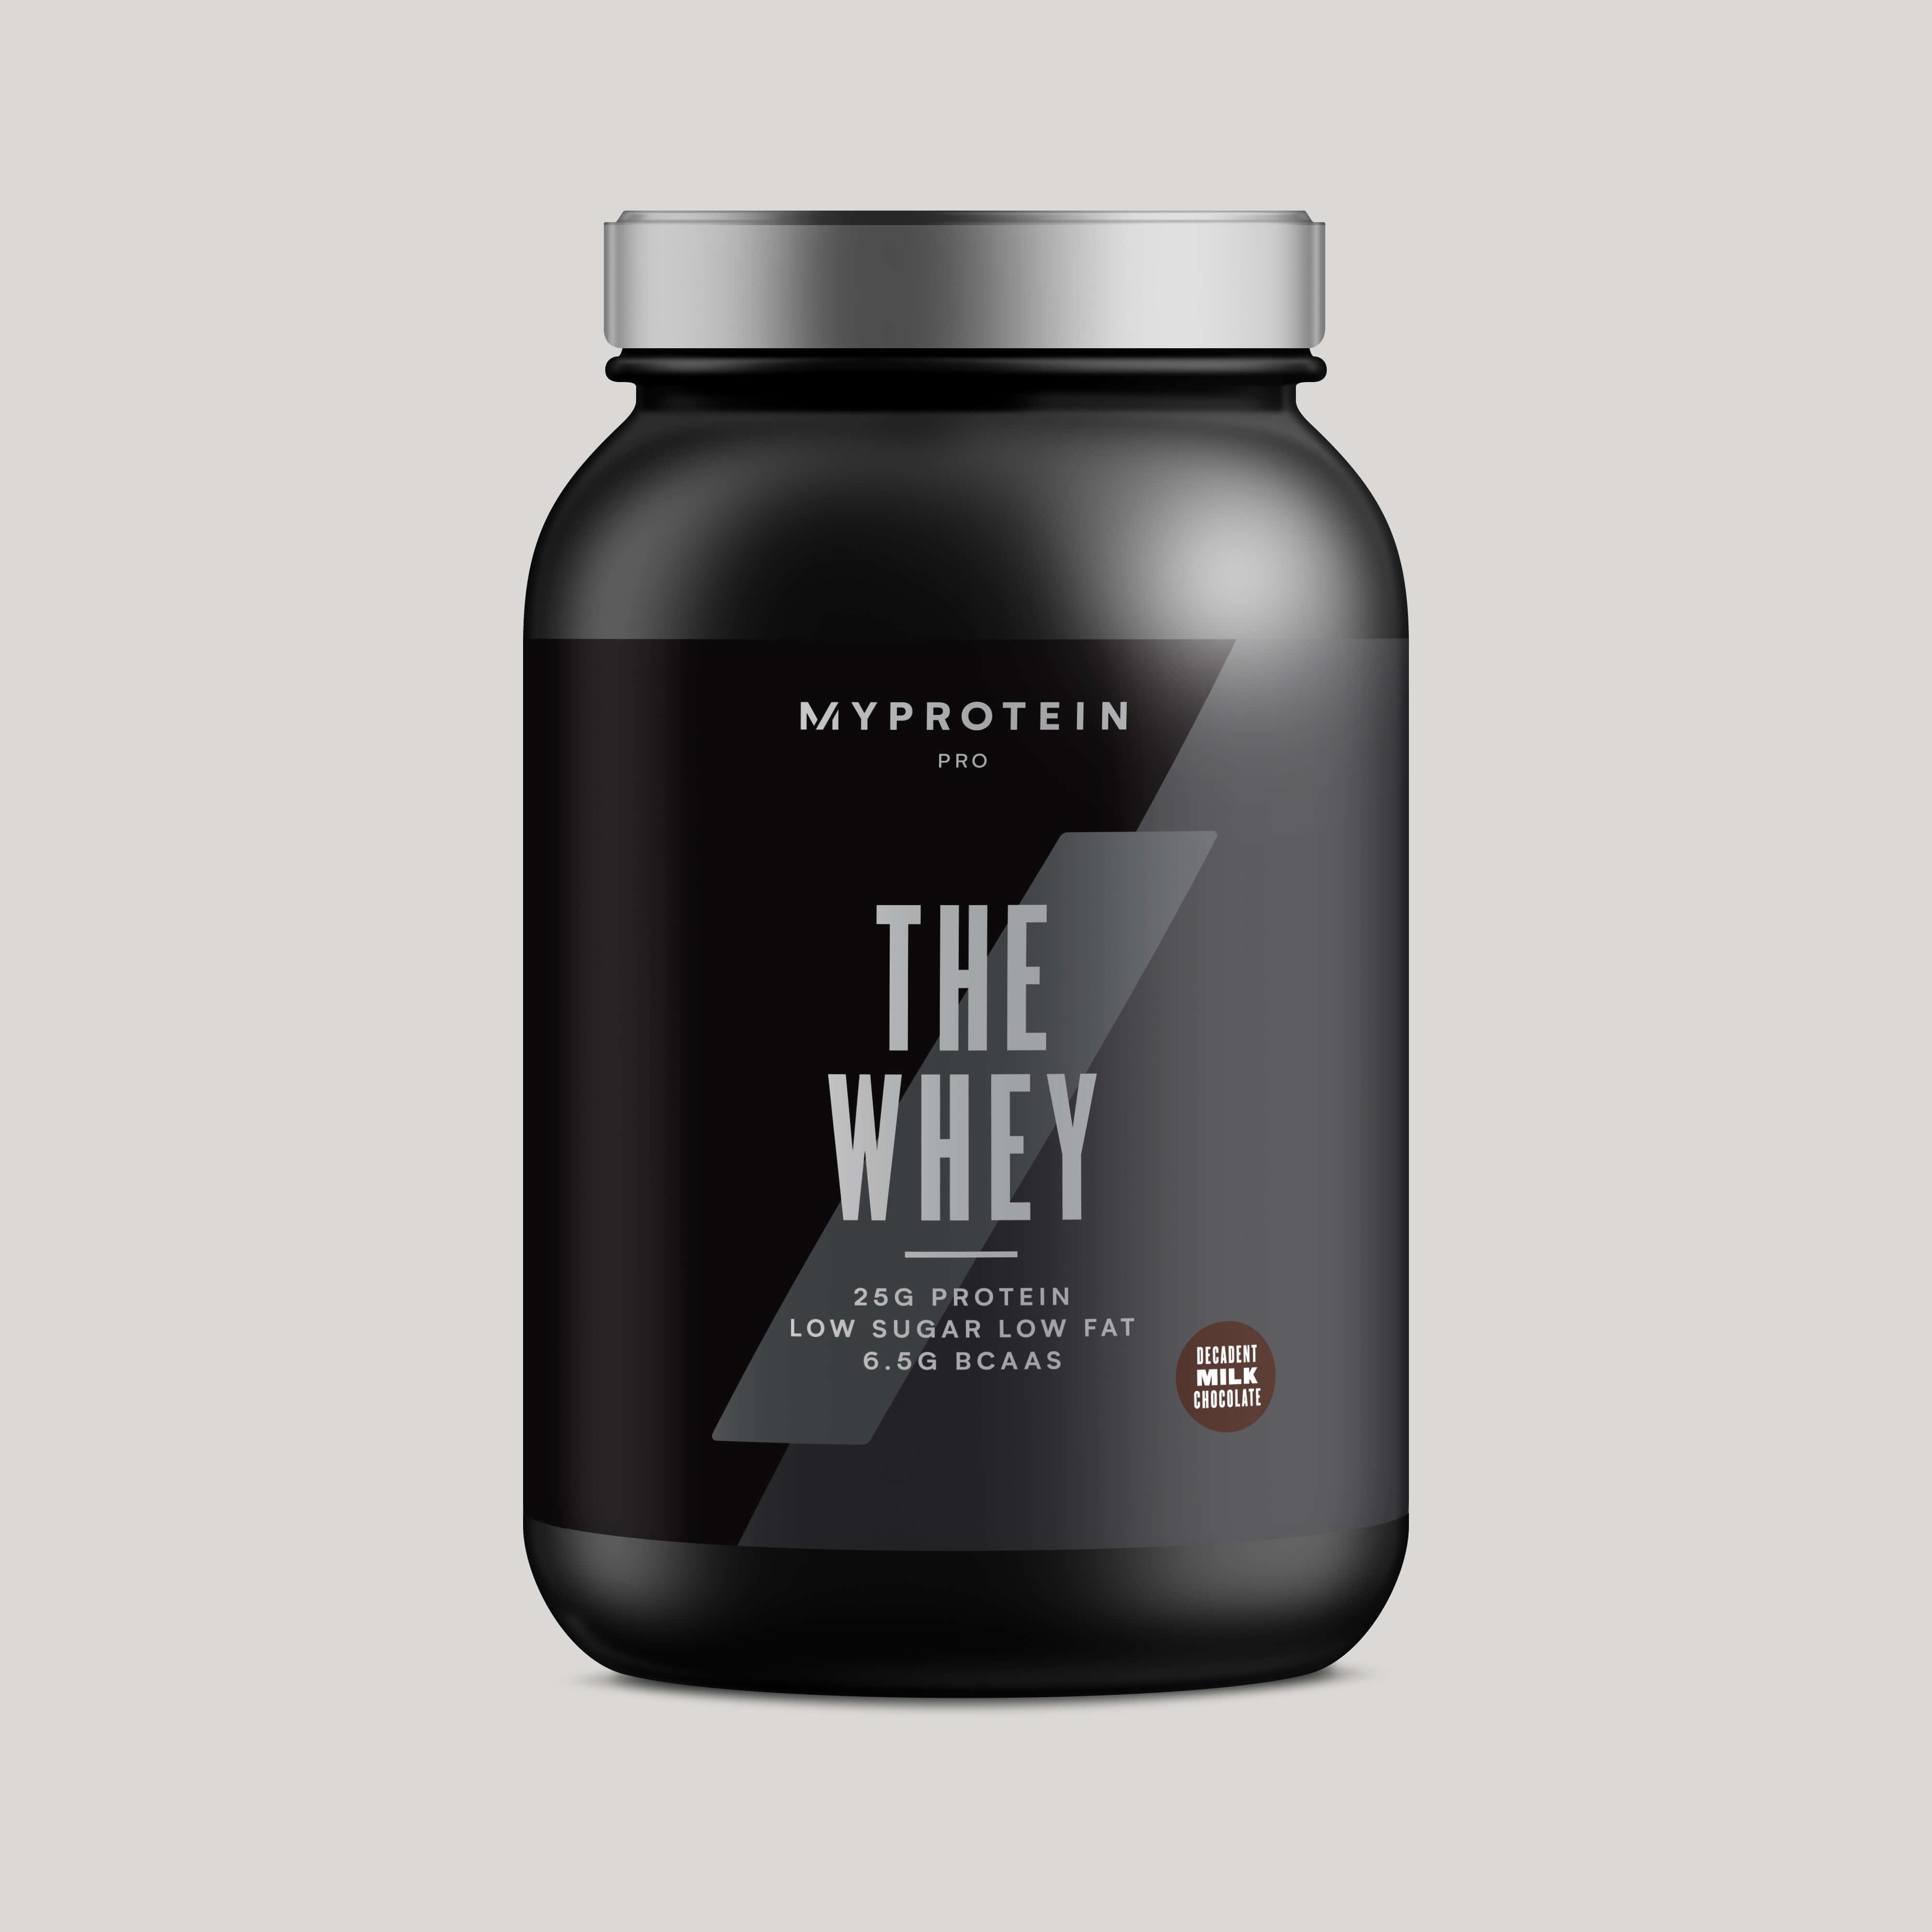 Protéine en poudre au meilleur goût